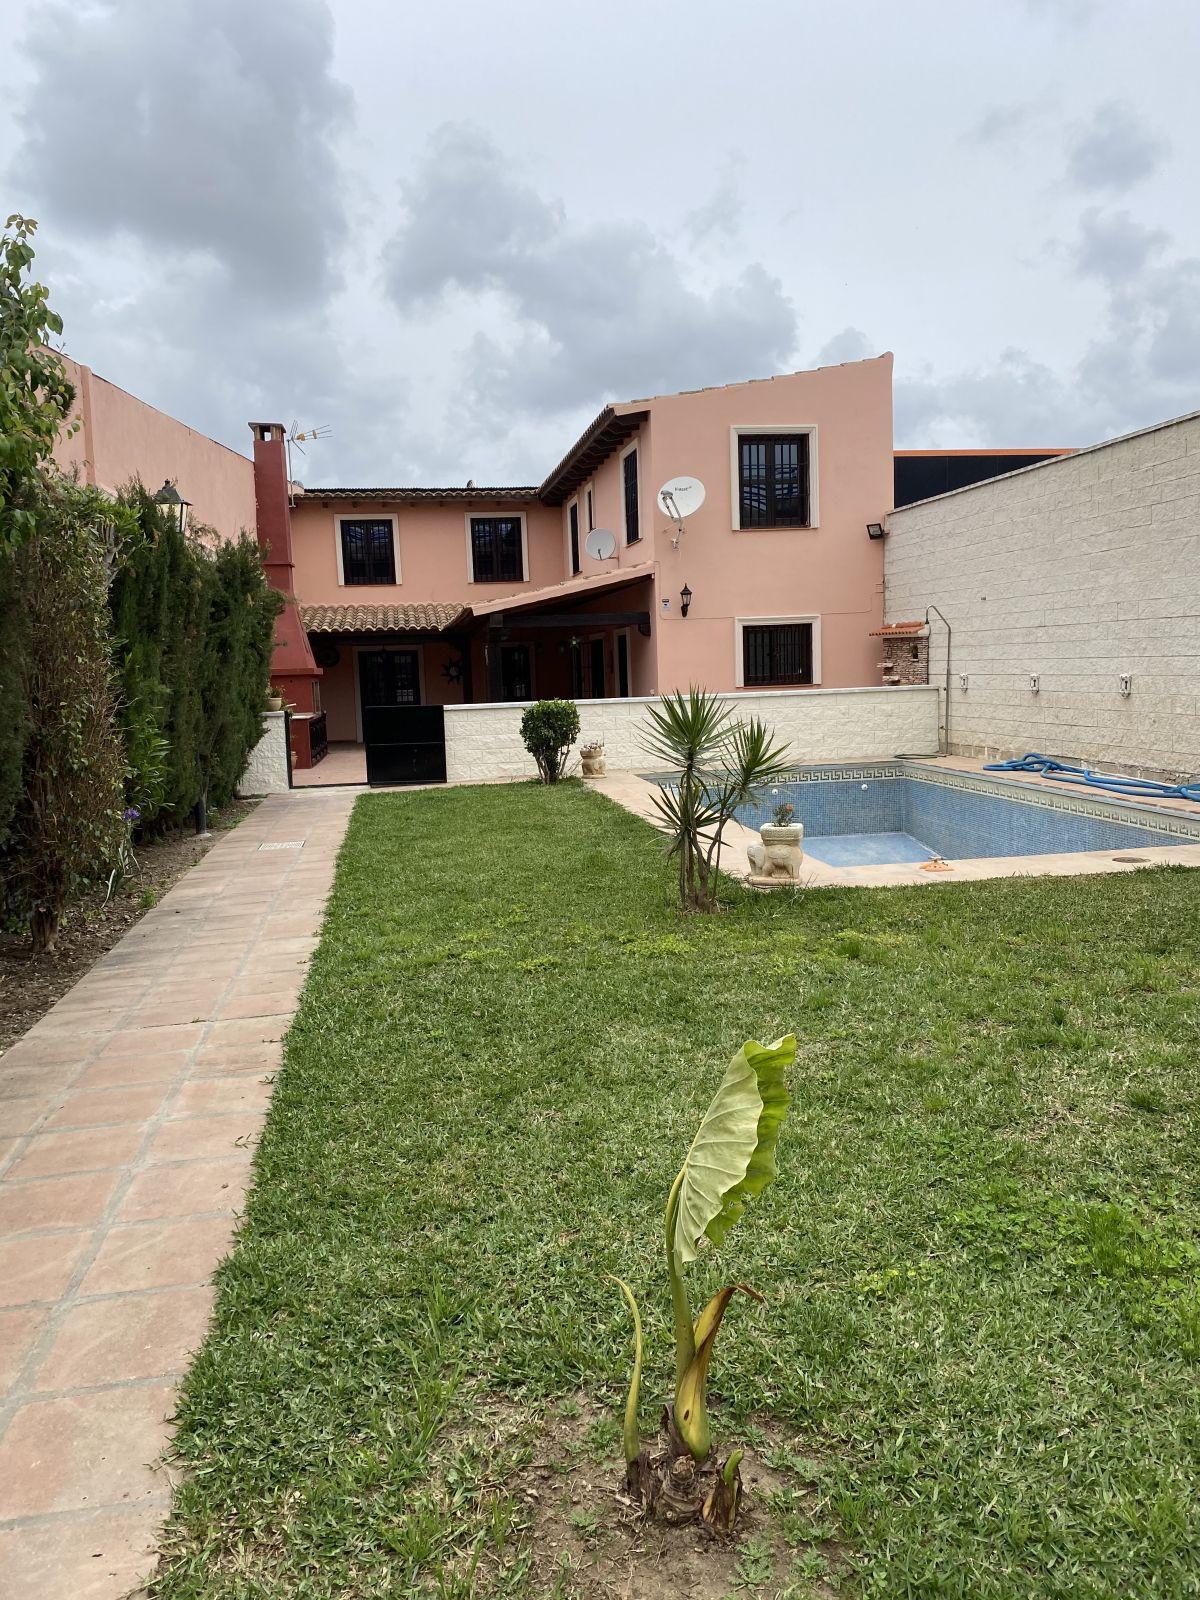 Casa - Mijas Golf - R3782899 - mibgroup.es